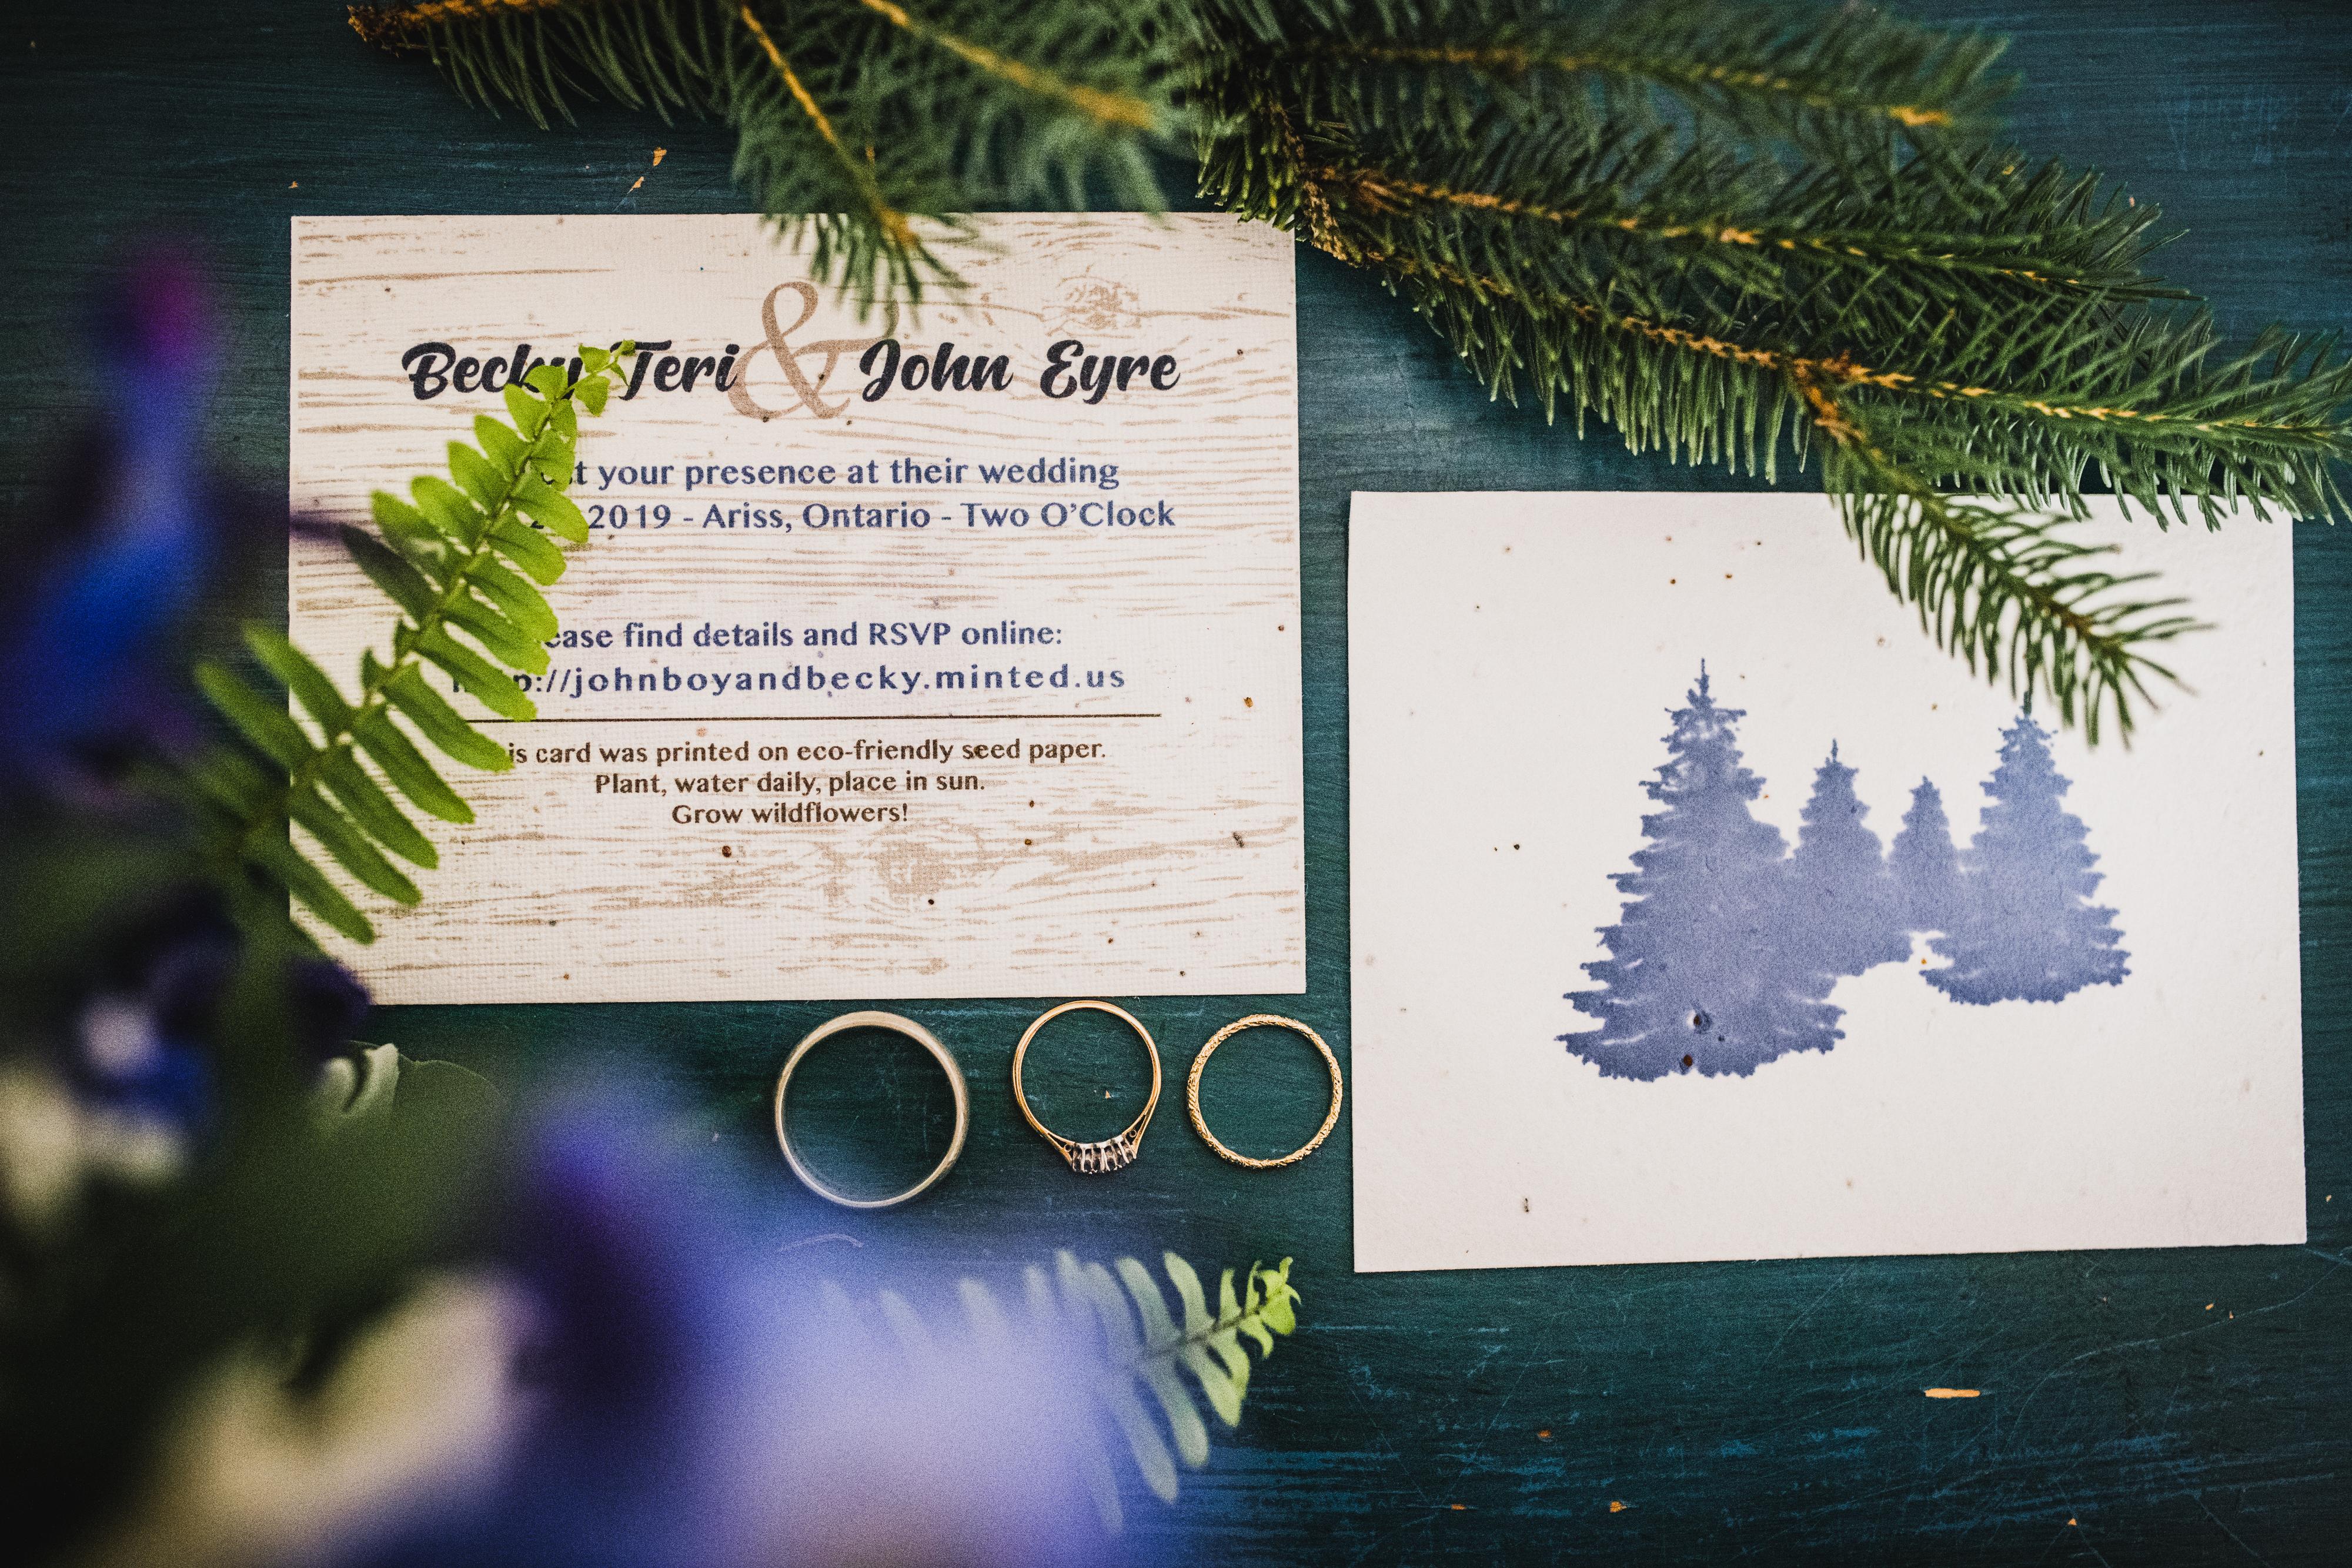 Becky & John-Boy Wedding - Getting Ready